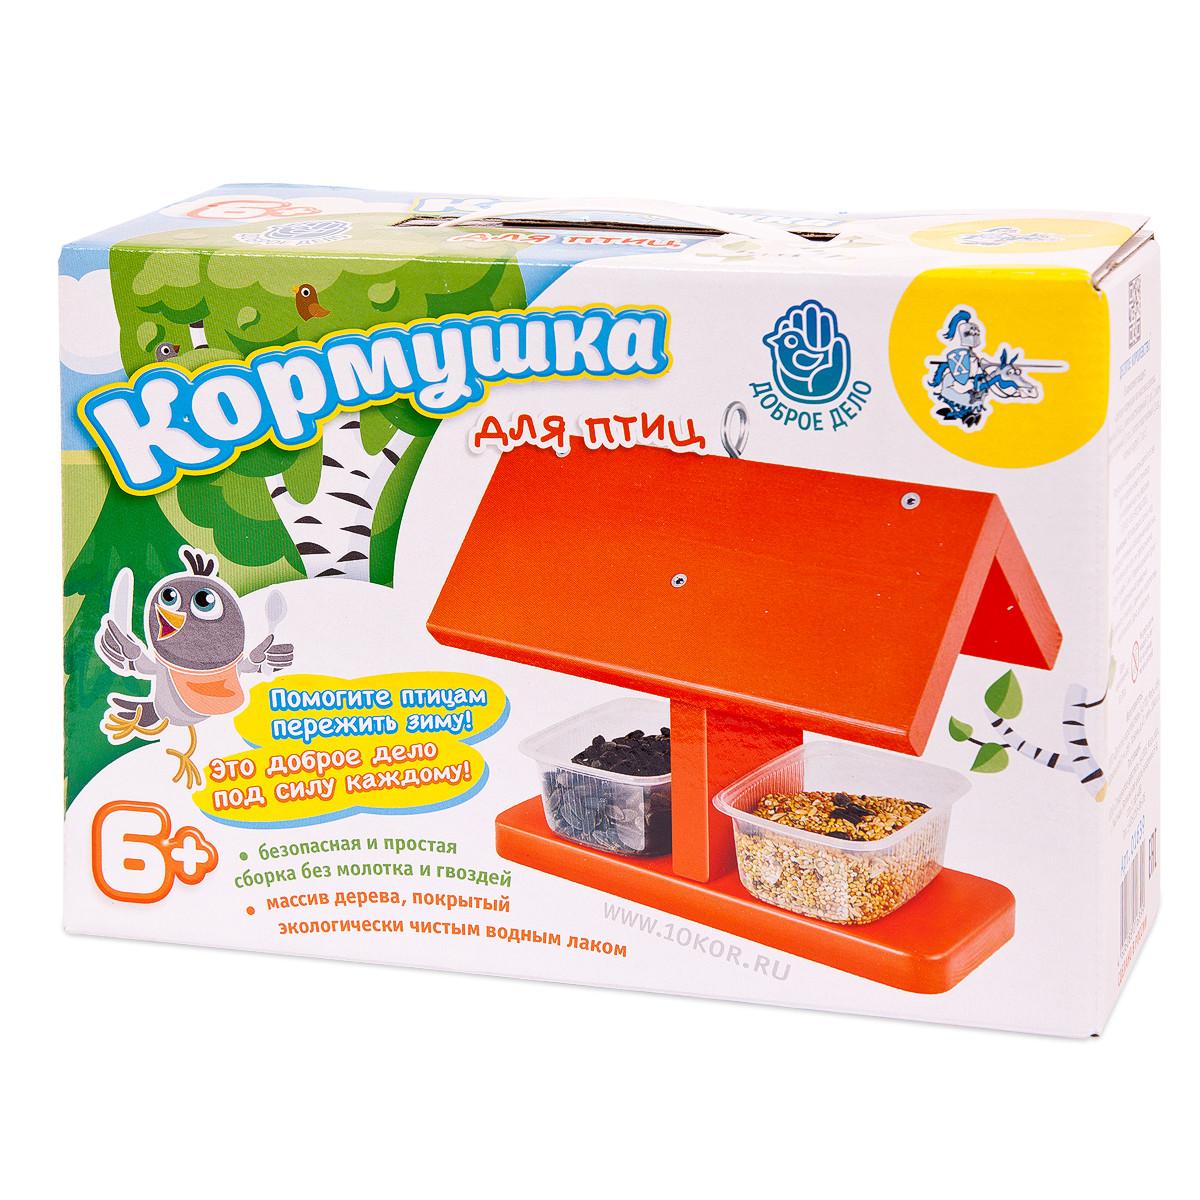 Купить Деревянные игрушки, Кормушка своими руками, цвет красный, Десятое королевство, Россия, red